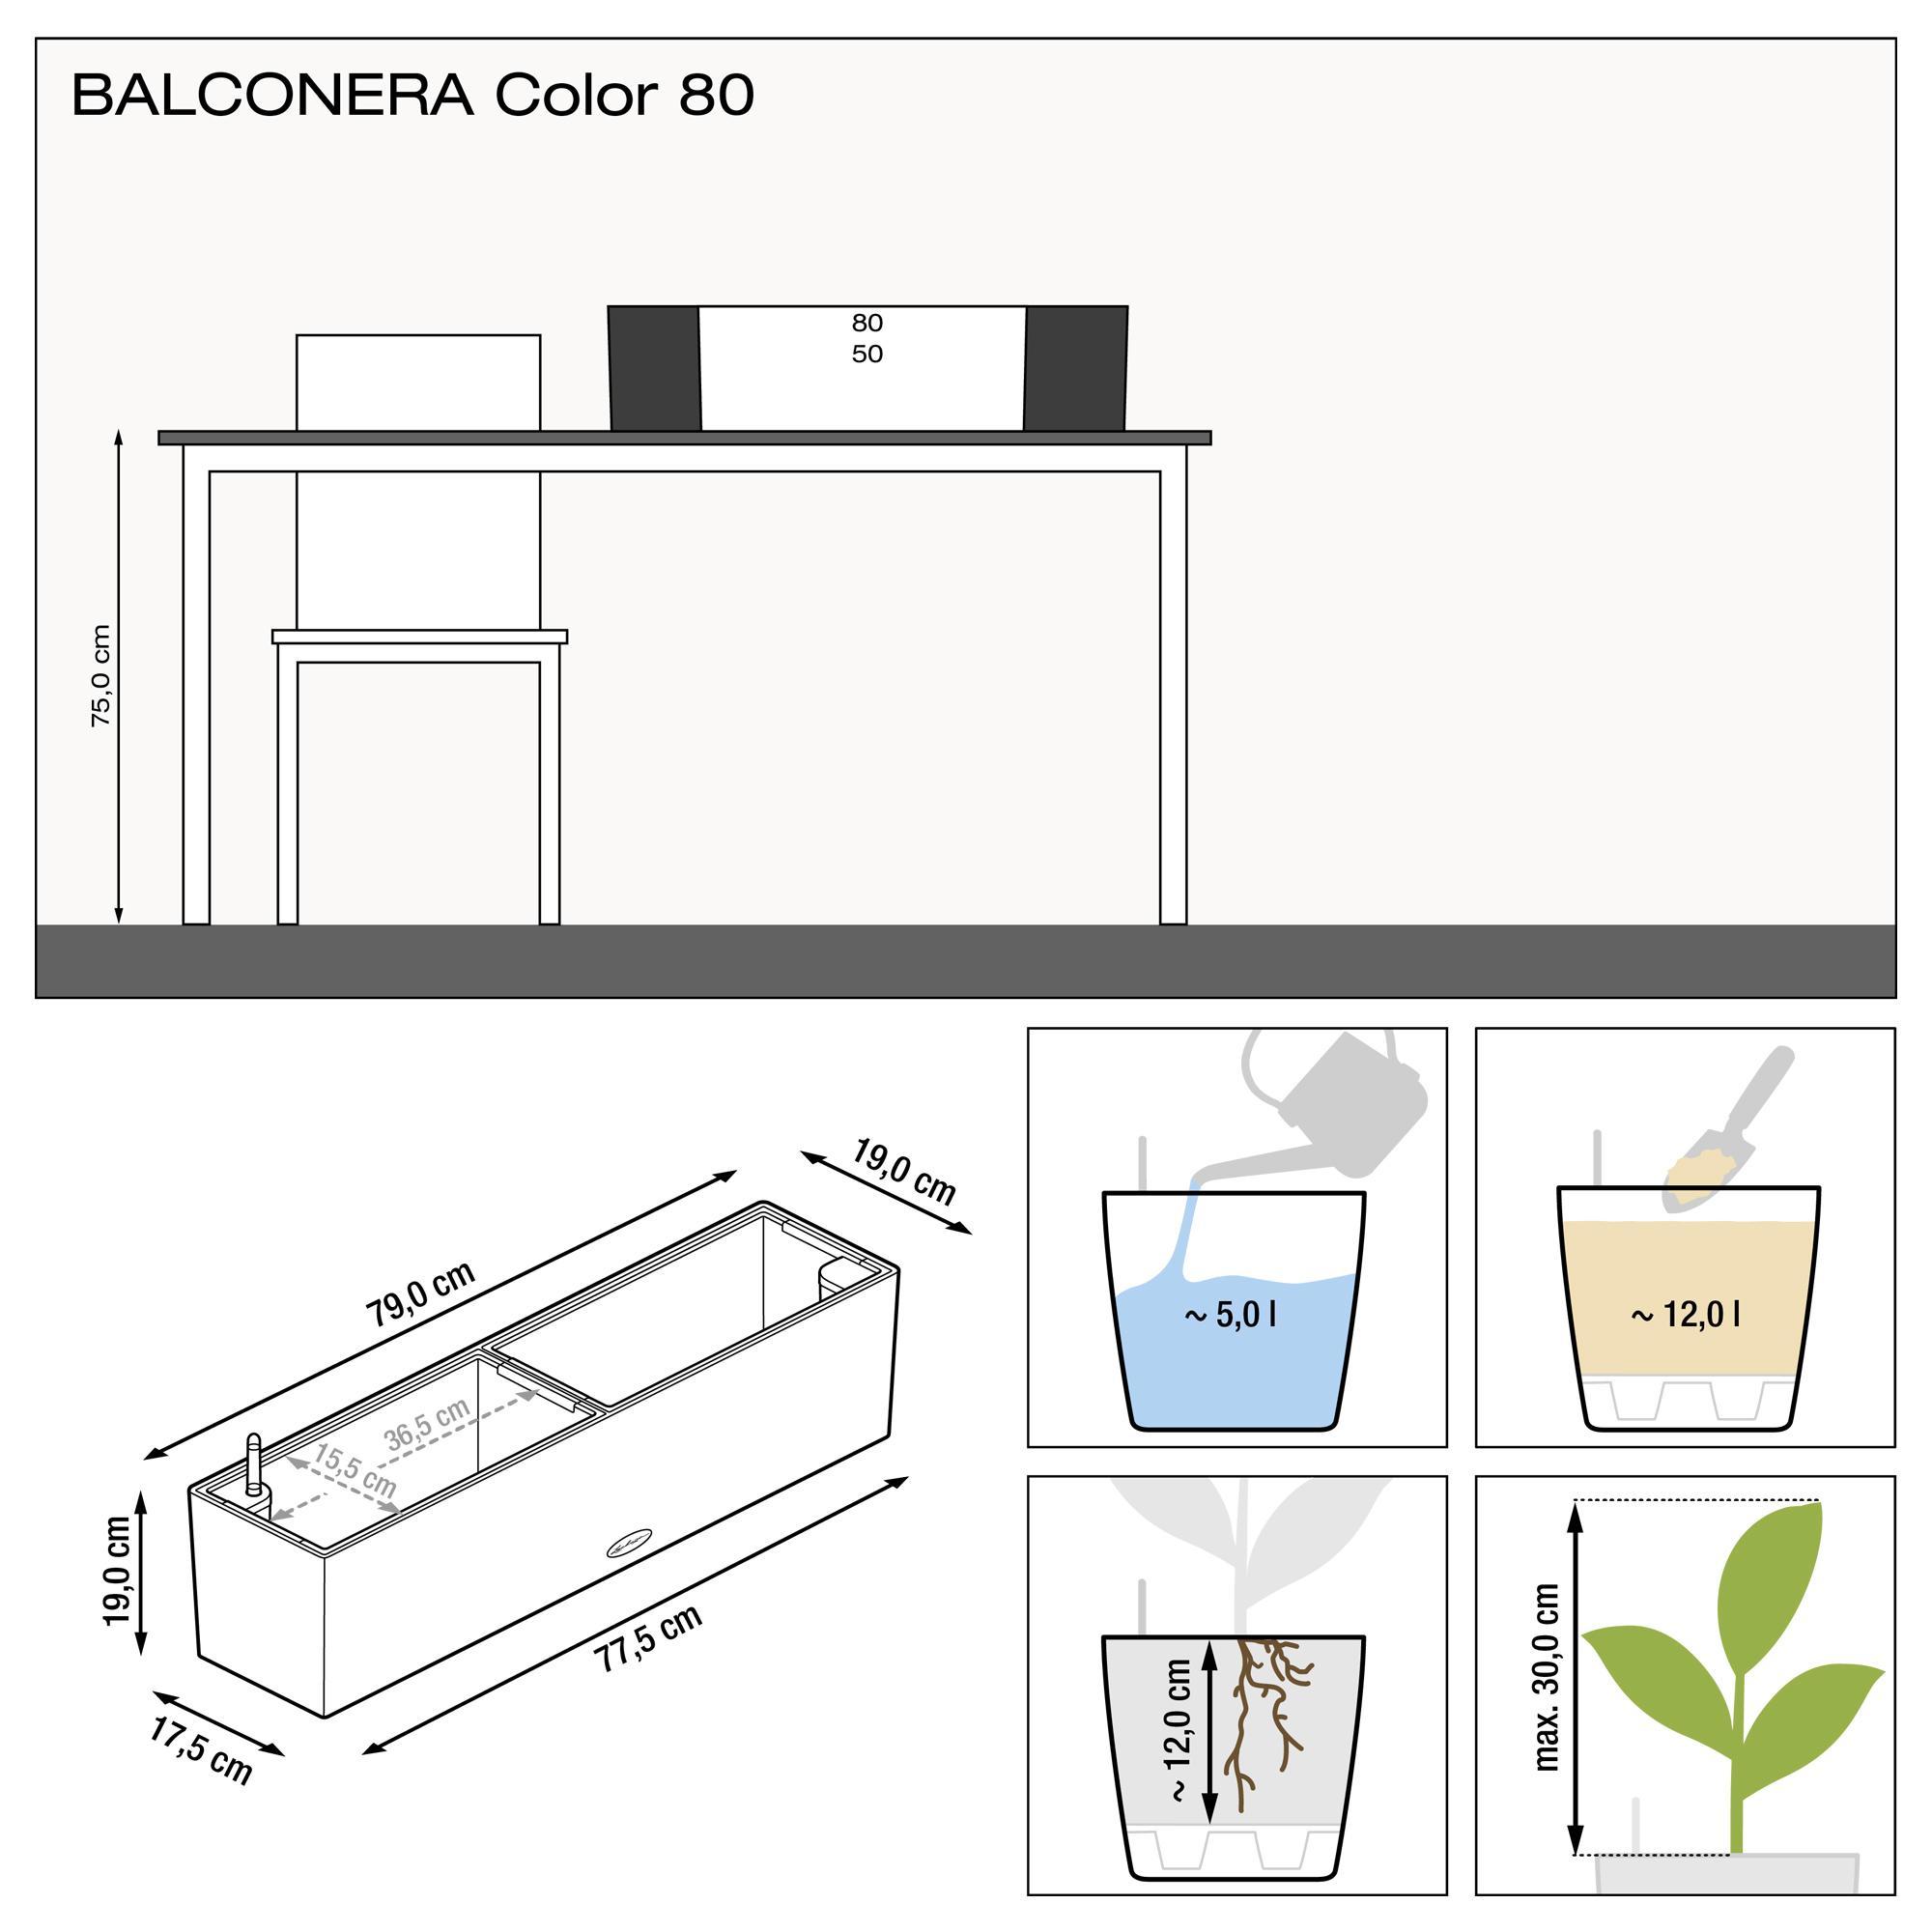 BALCONERA Color 80 white - Image 3